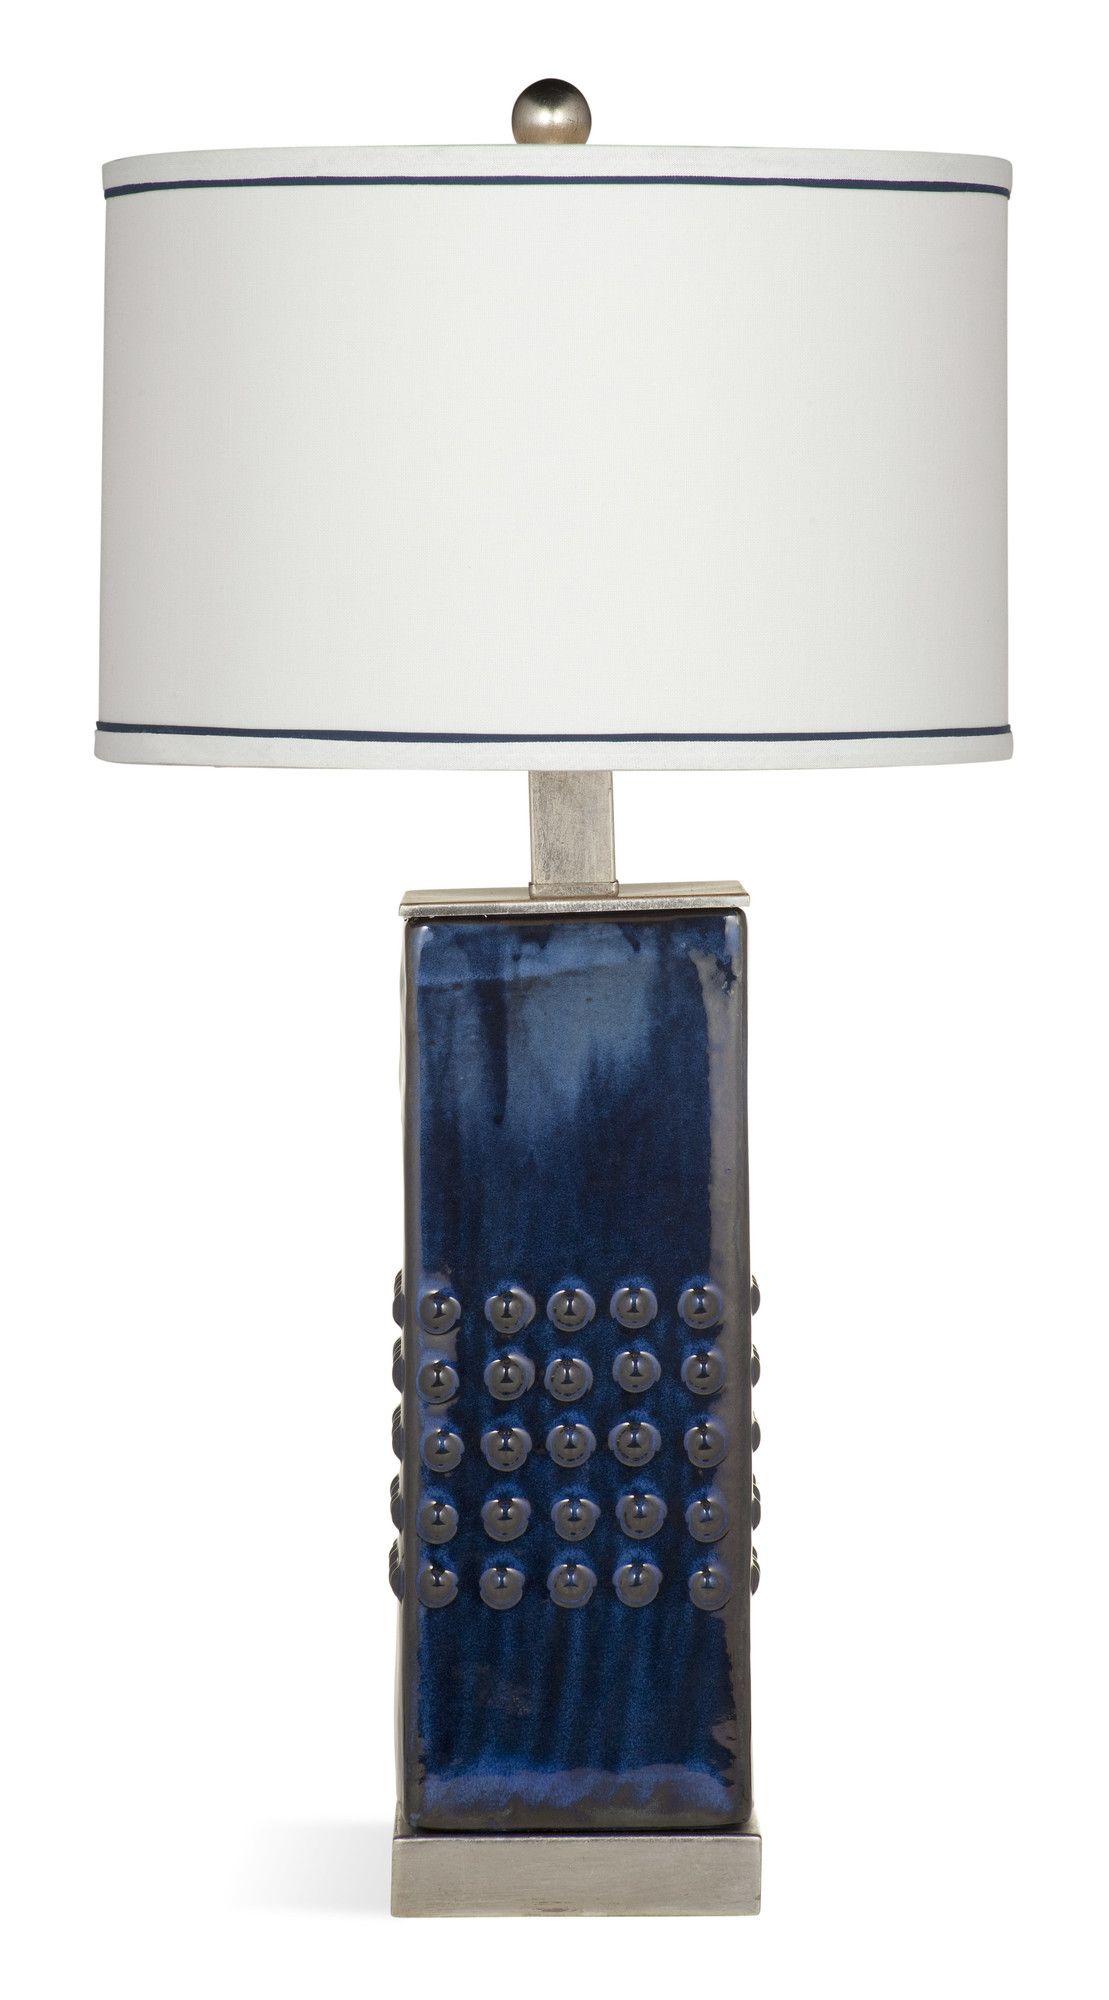 Atlanta andrews 33 table lamp